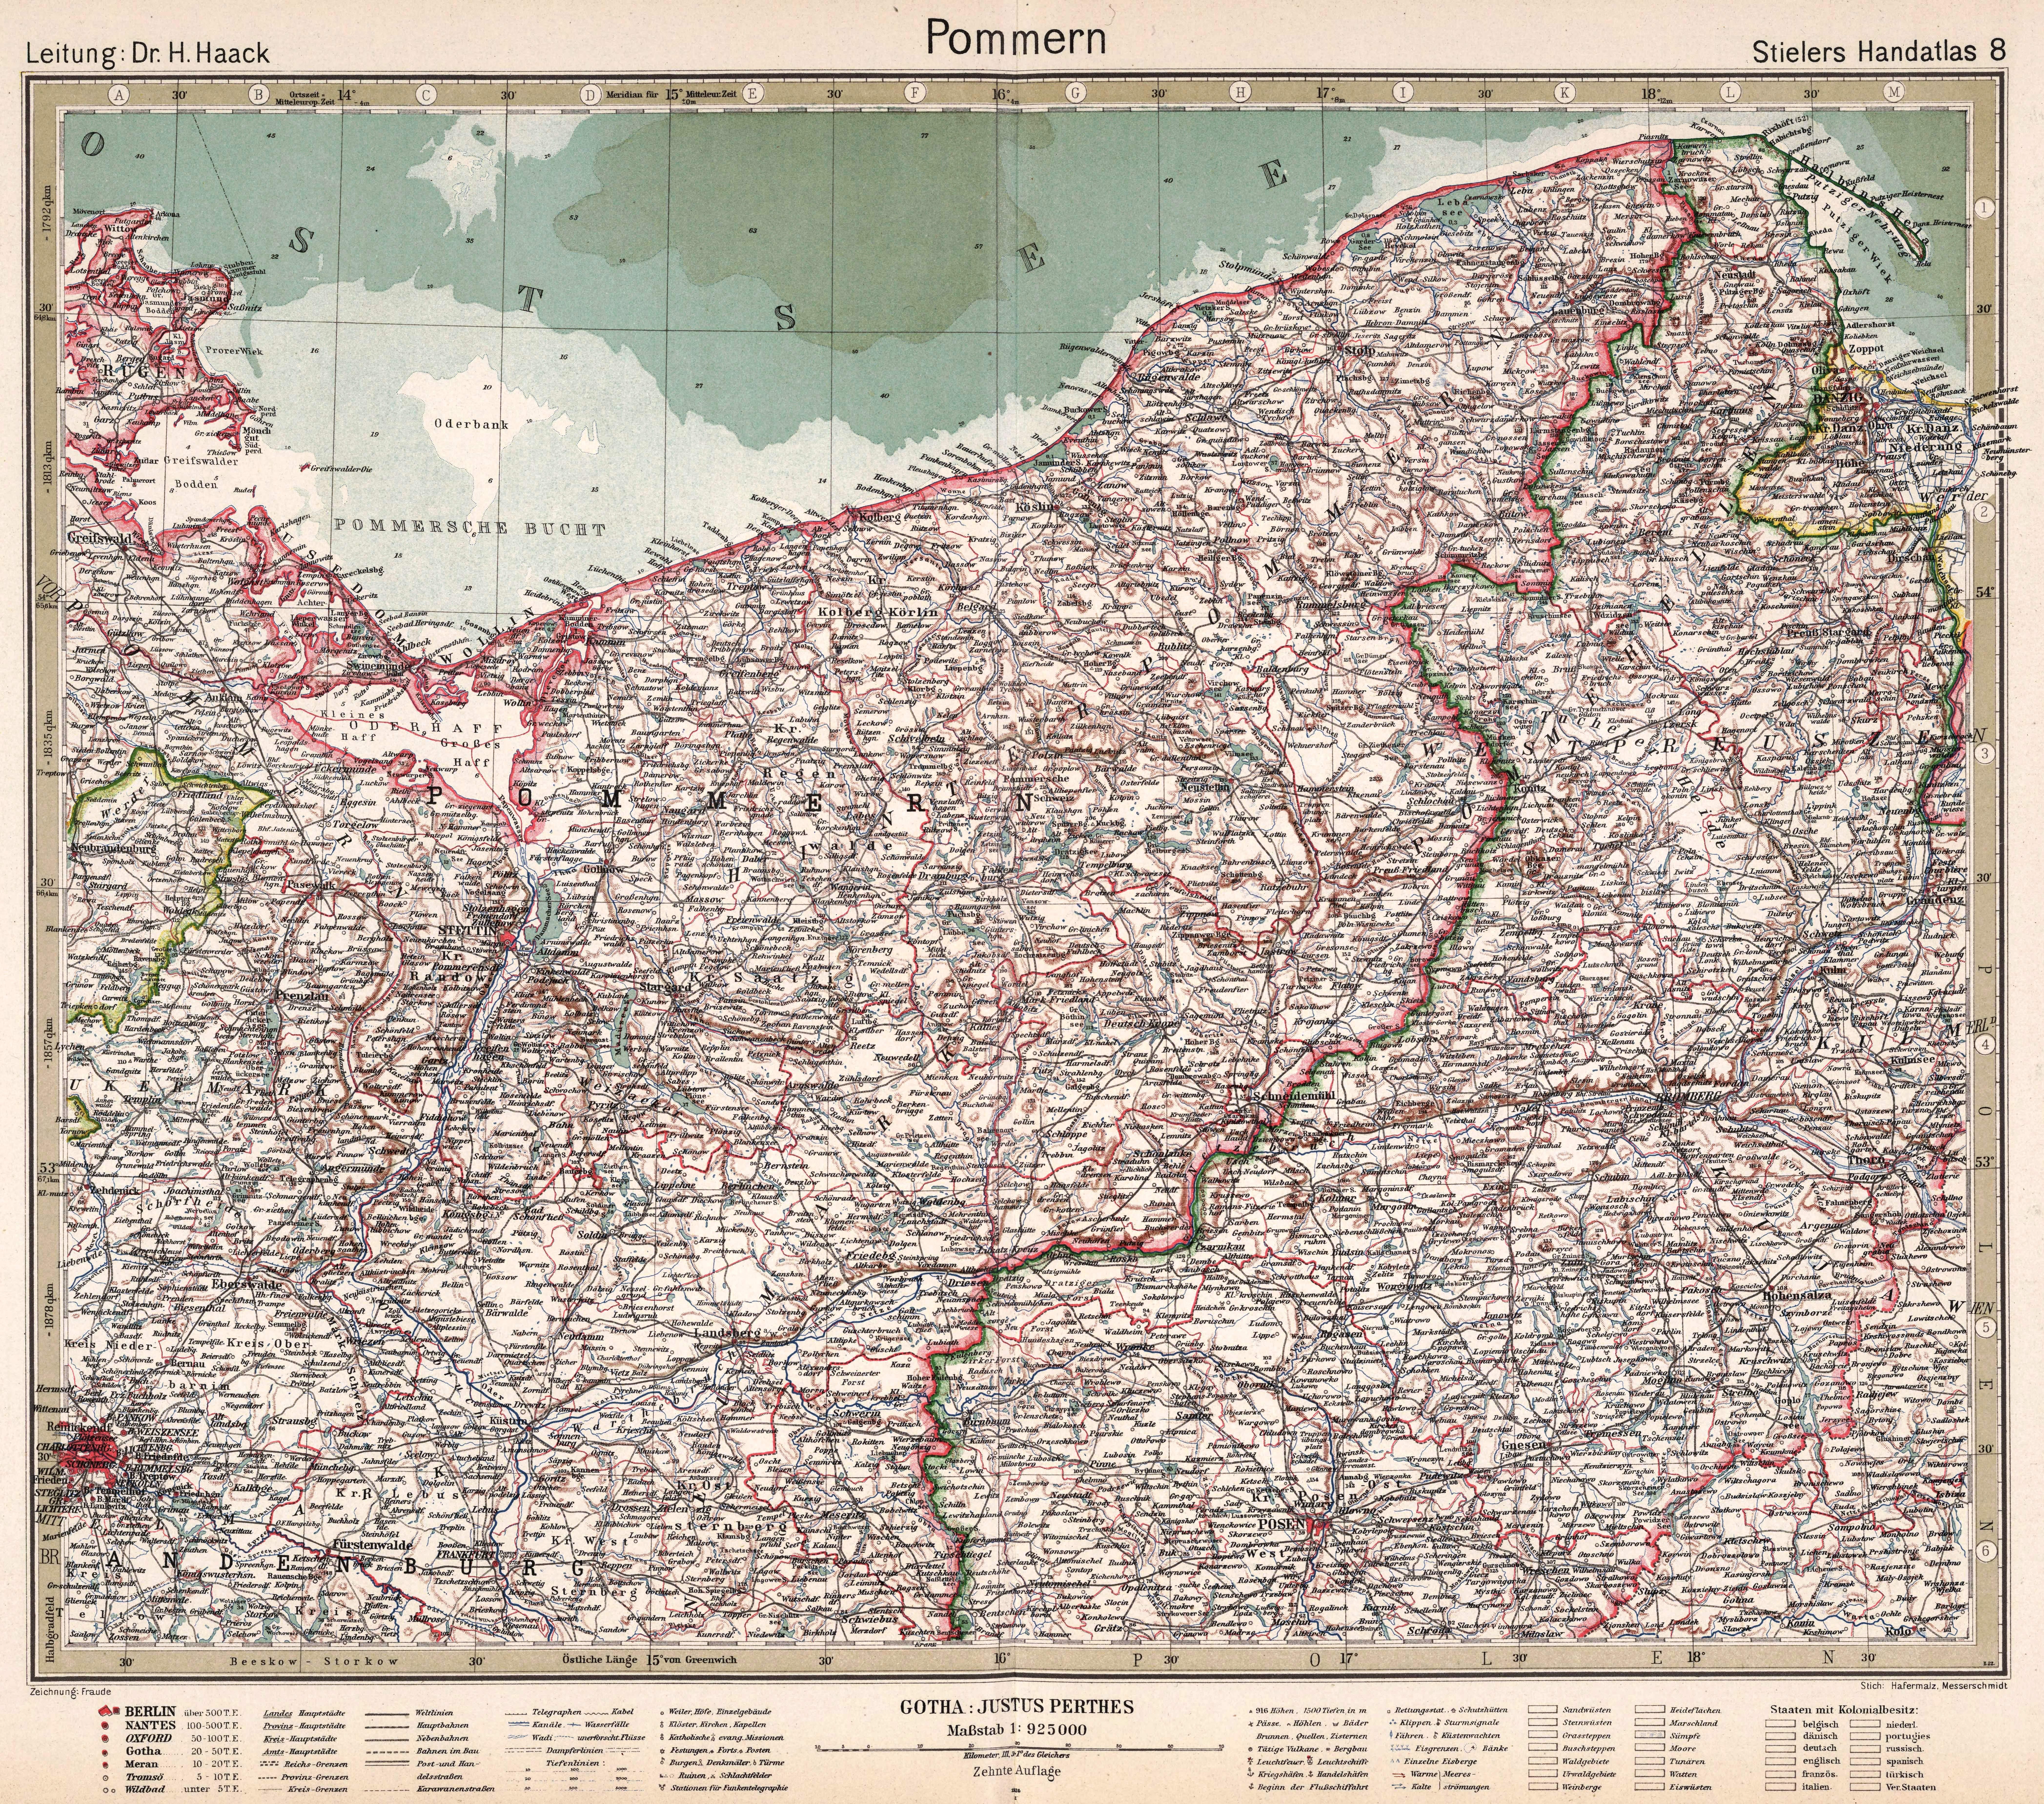 File Stielers Handatlas 1925 Map 8 Germany 1919 1937 Pommern